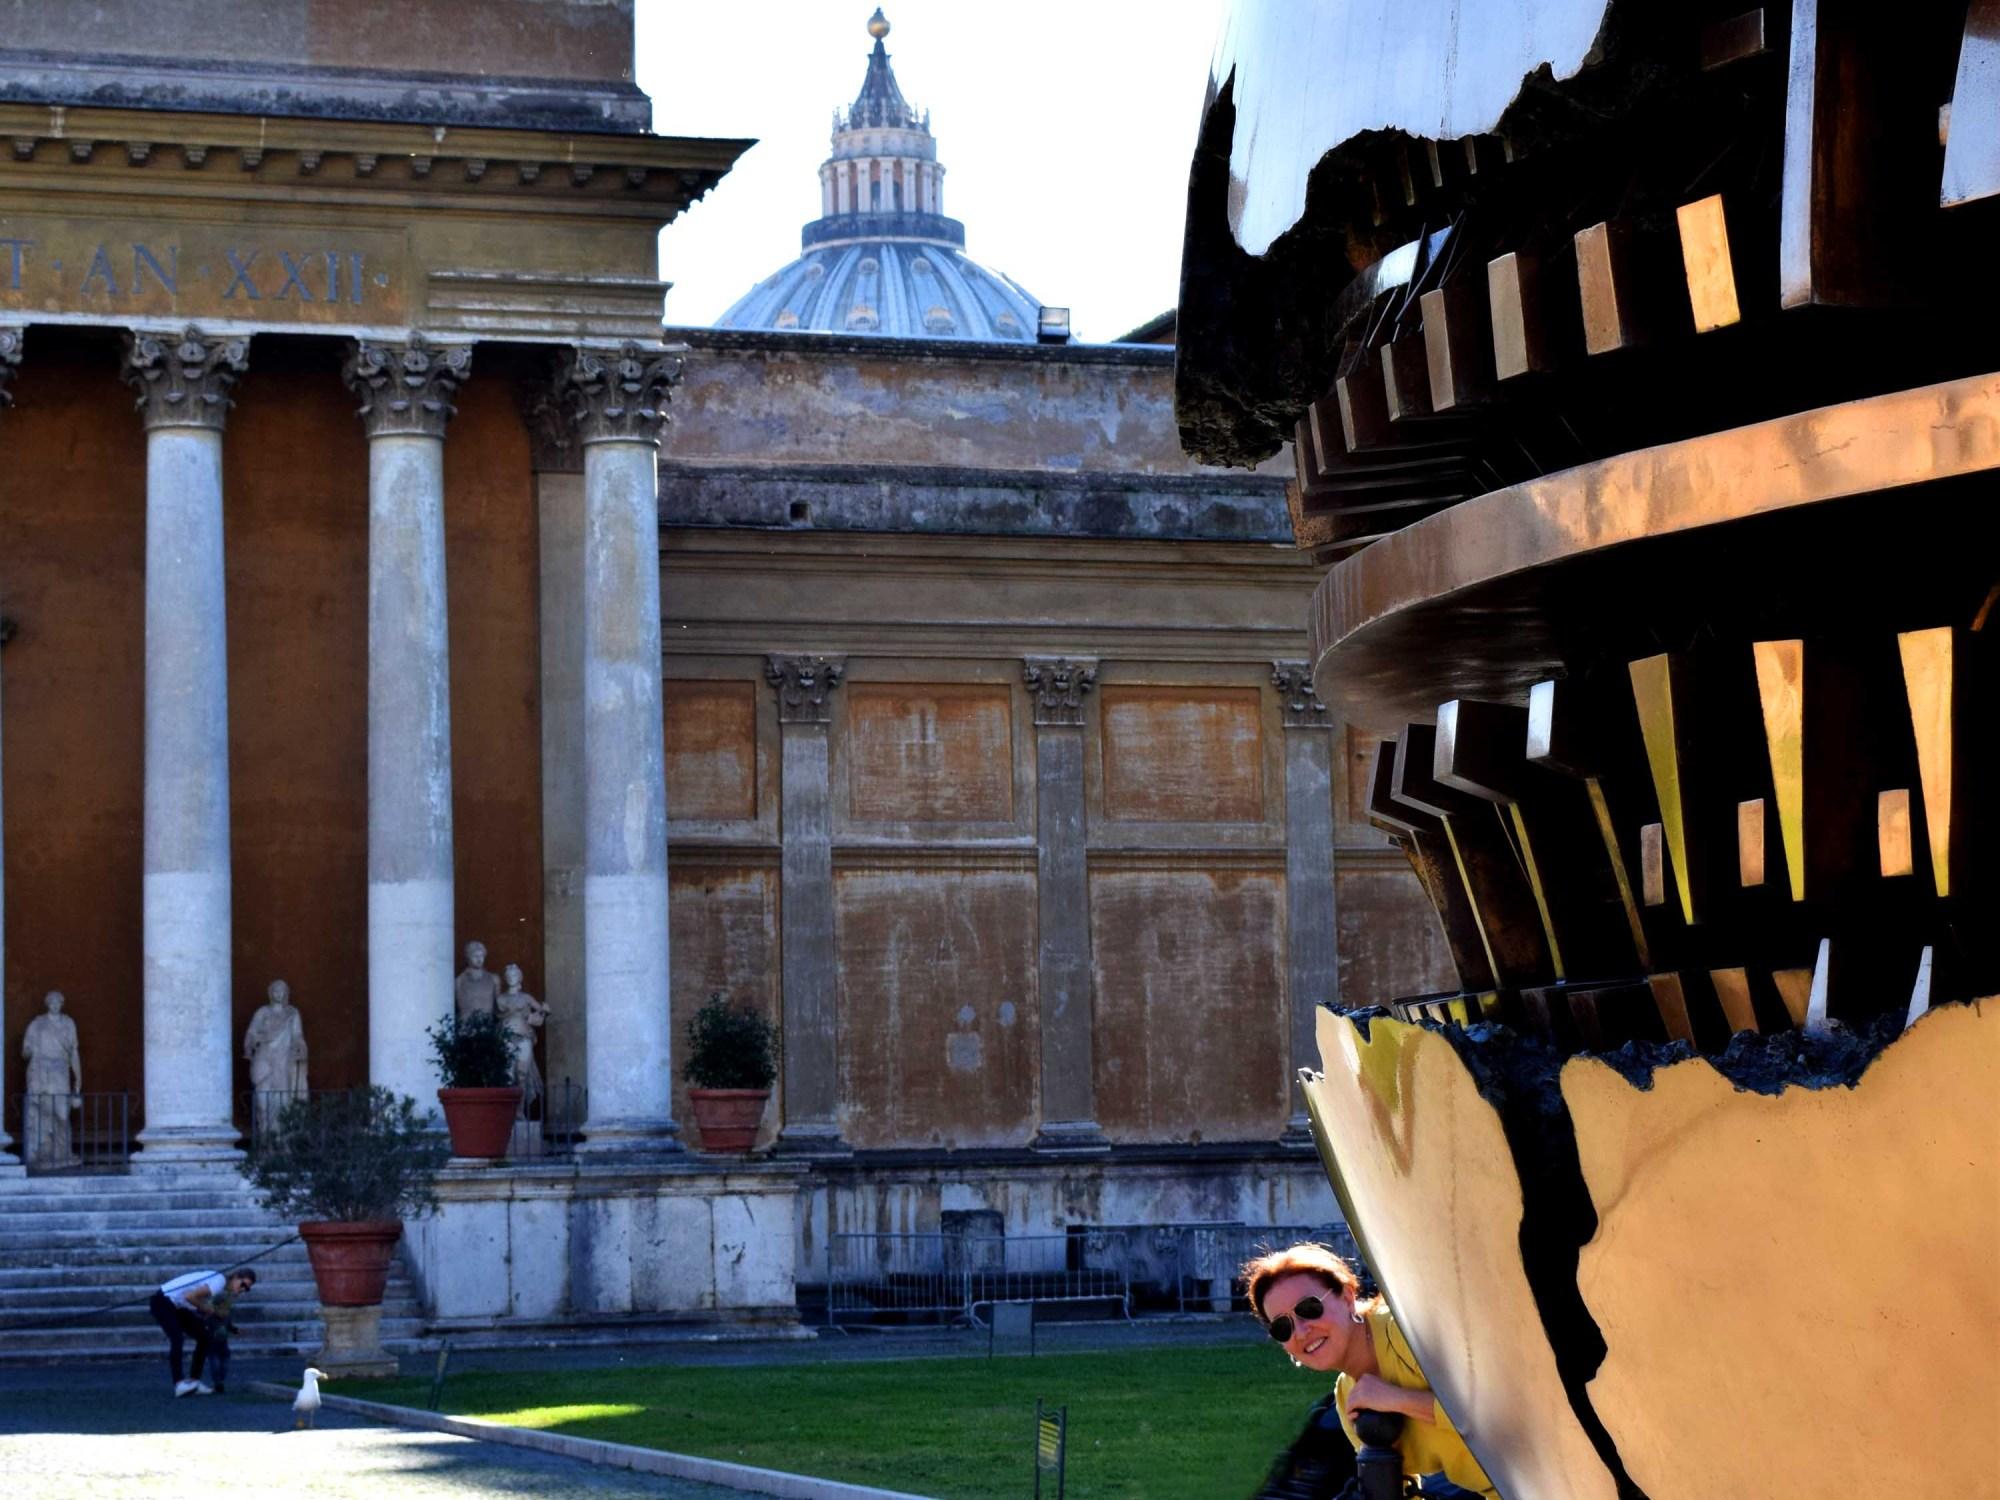 Museos Vaticanos -Patio de la piña